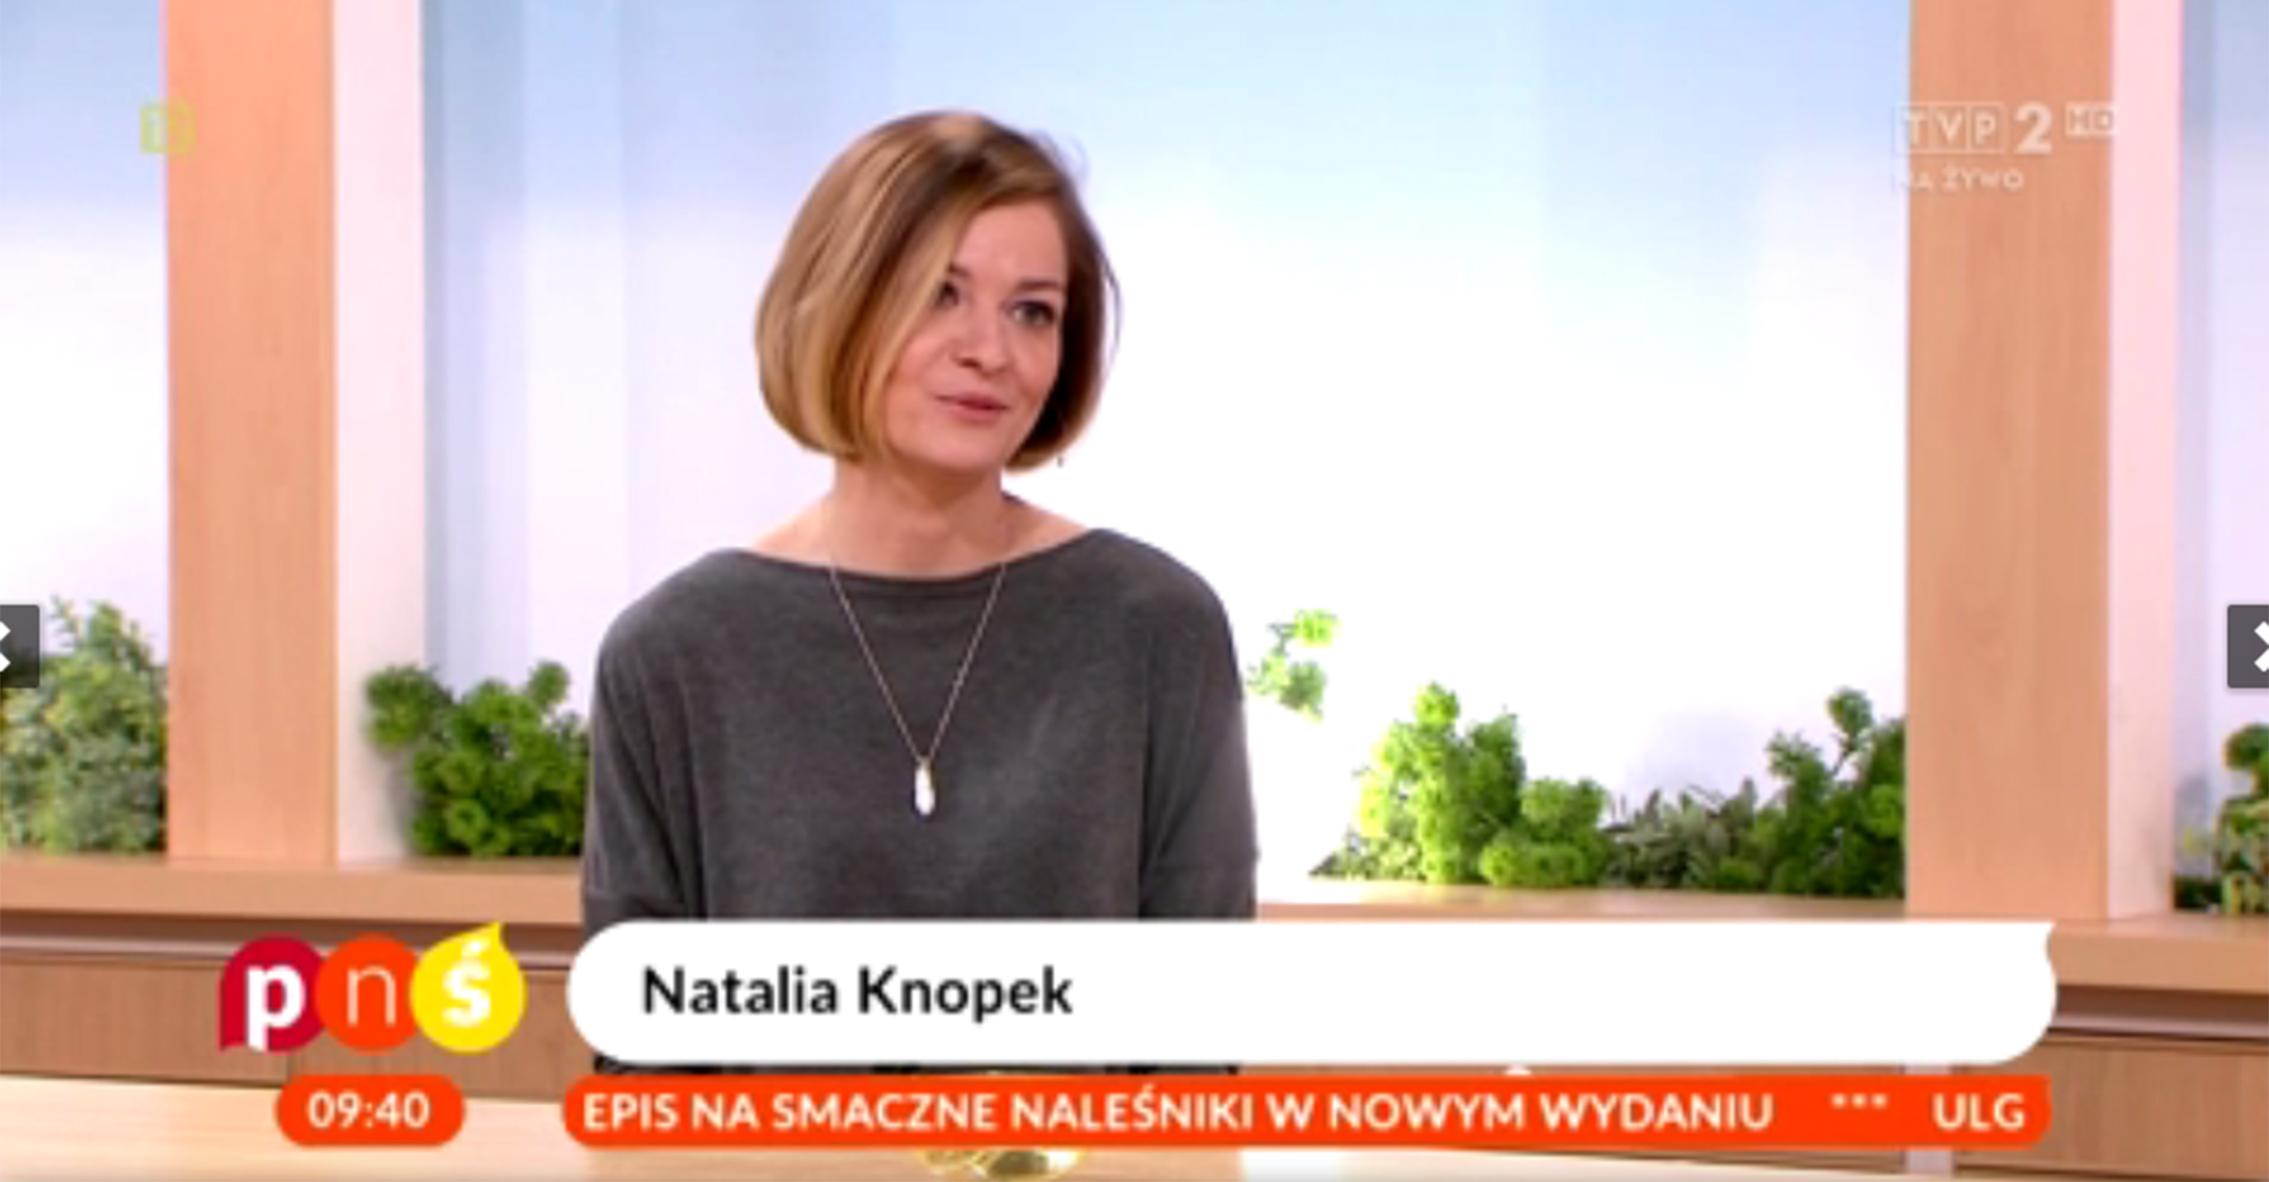 natalia Knopek pnś